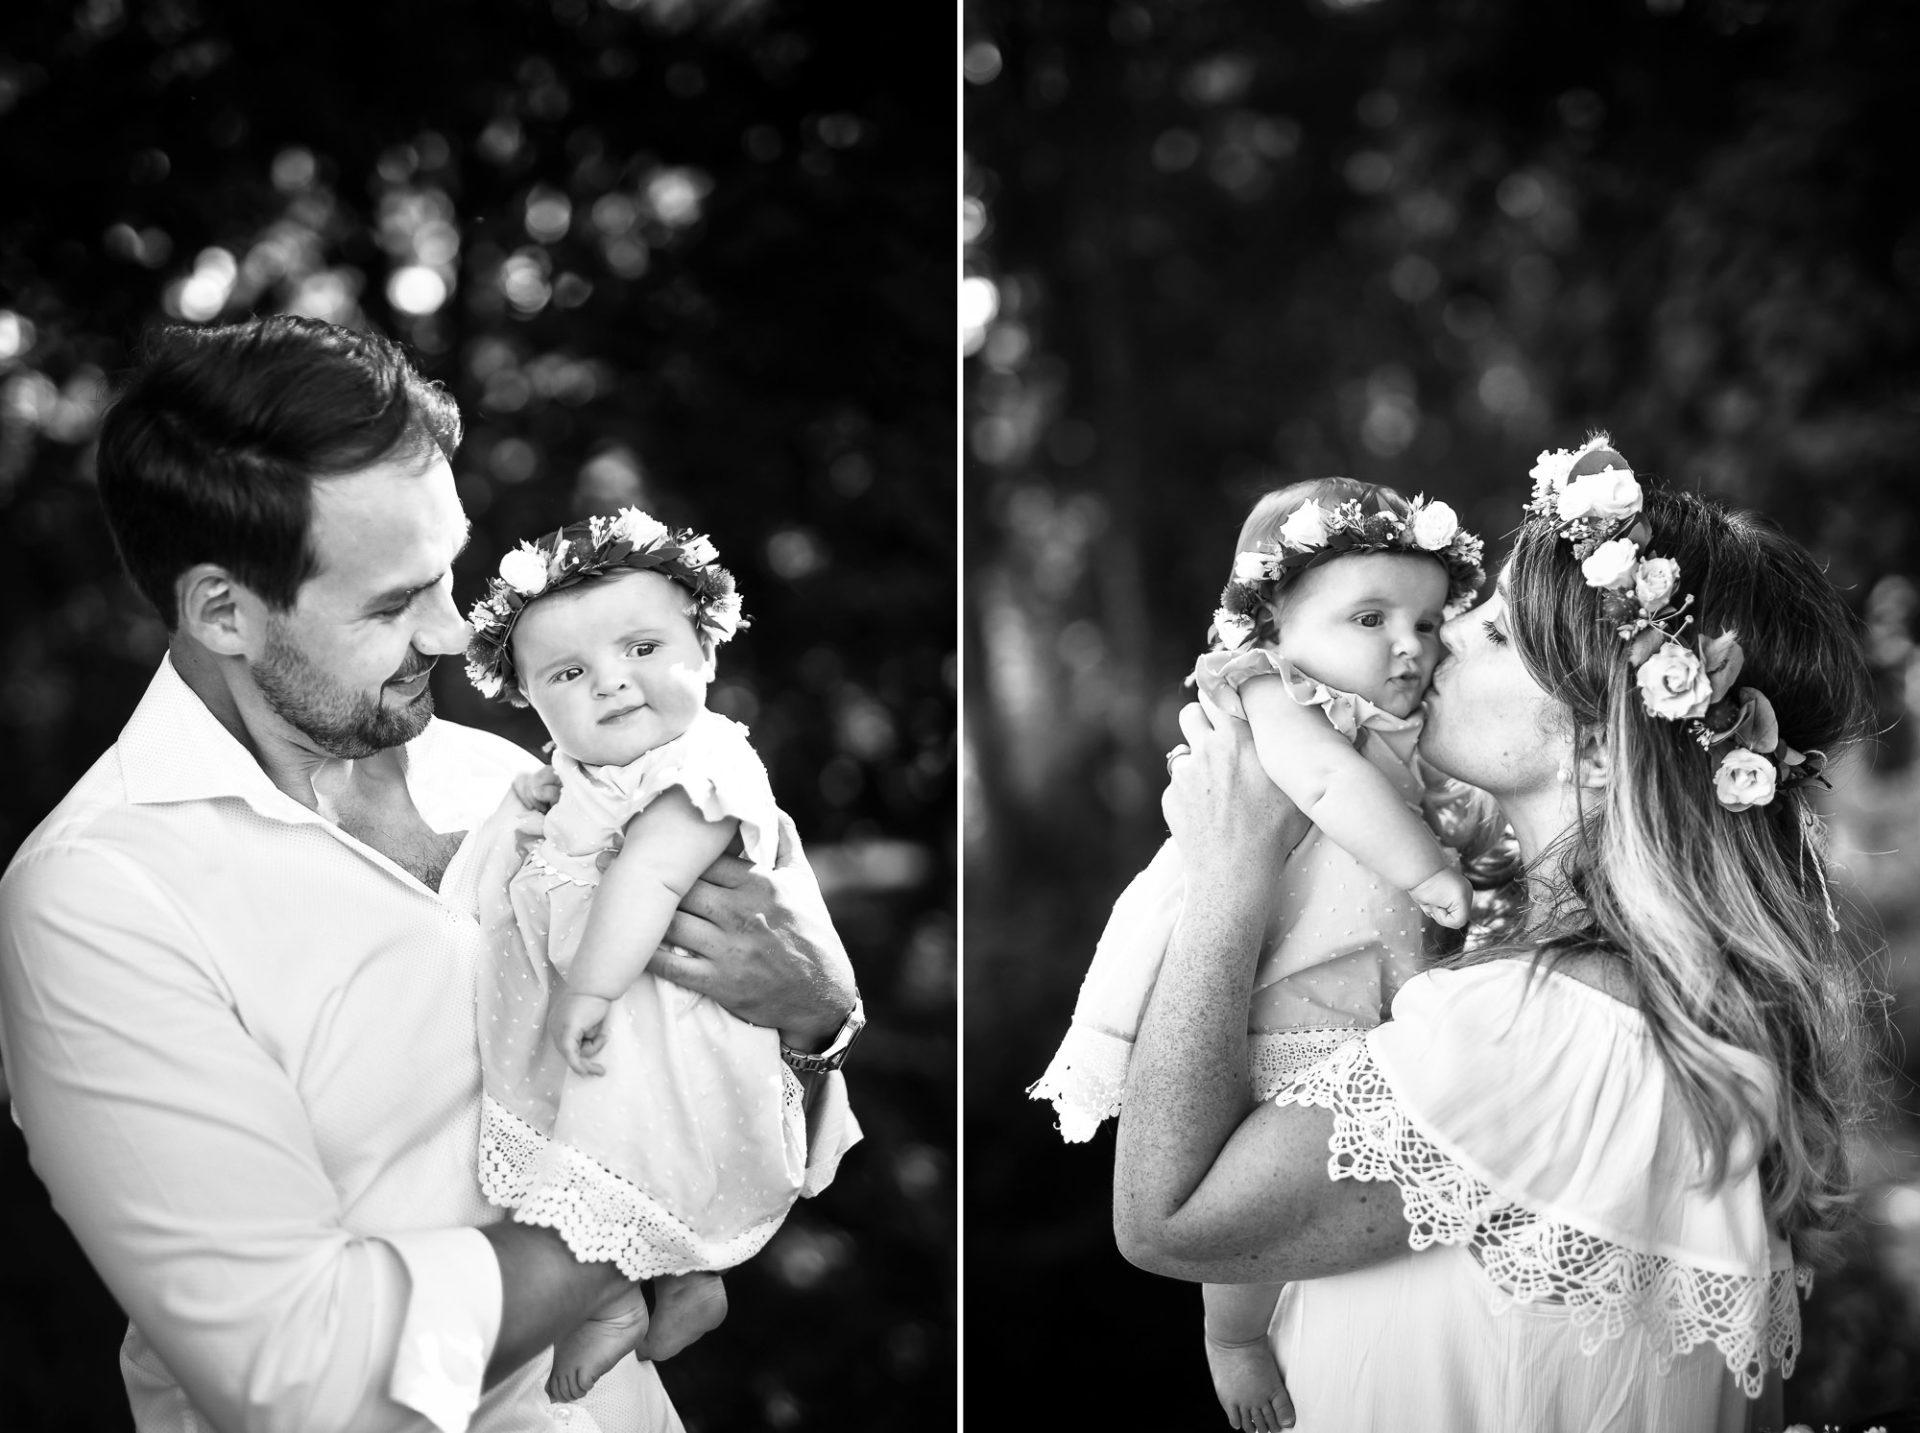 Shooting famille soeurs serre - Valentine Poulain père mère